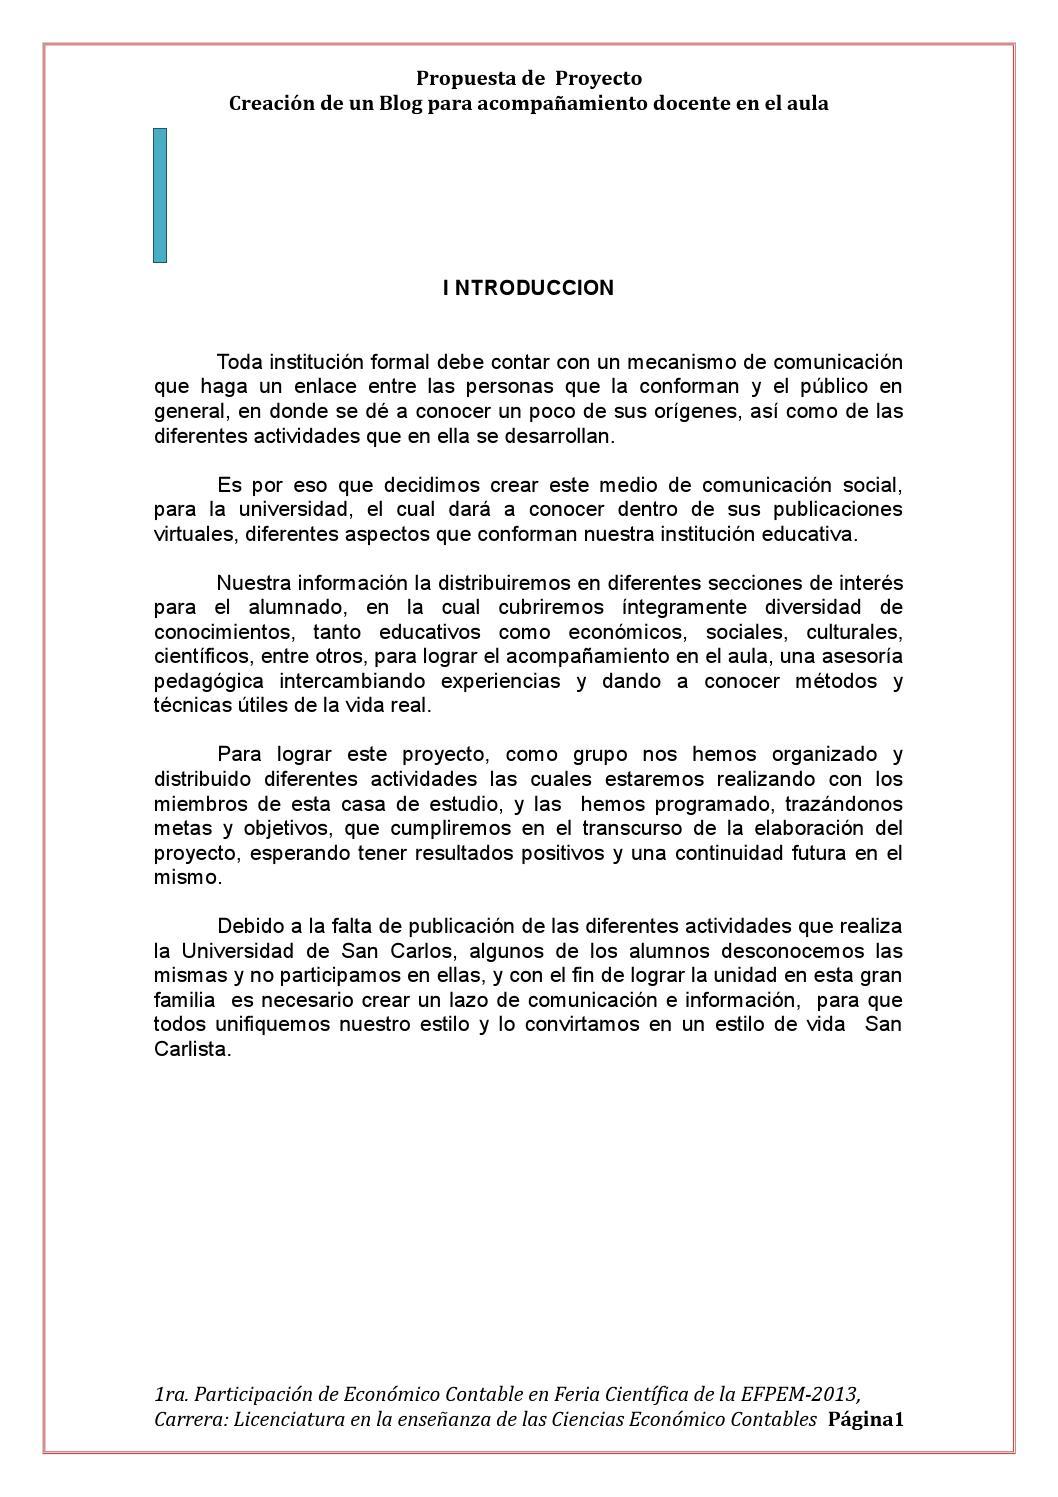 Anteproyecto de efpem feria by Economicio Contable - issuu